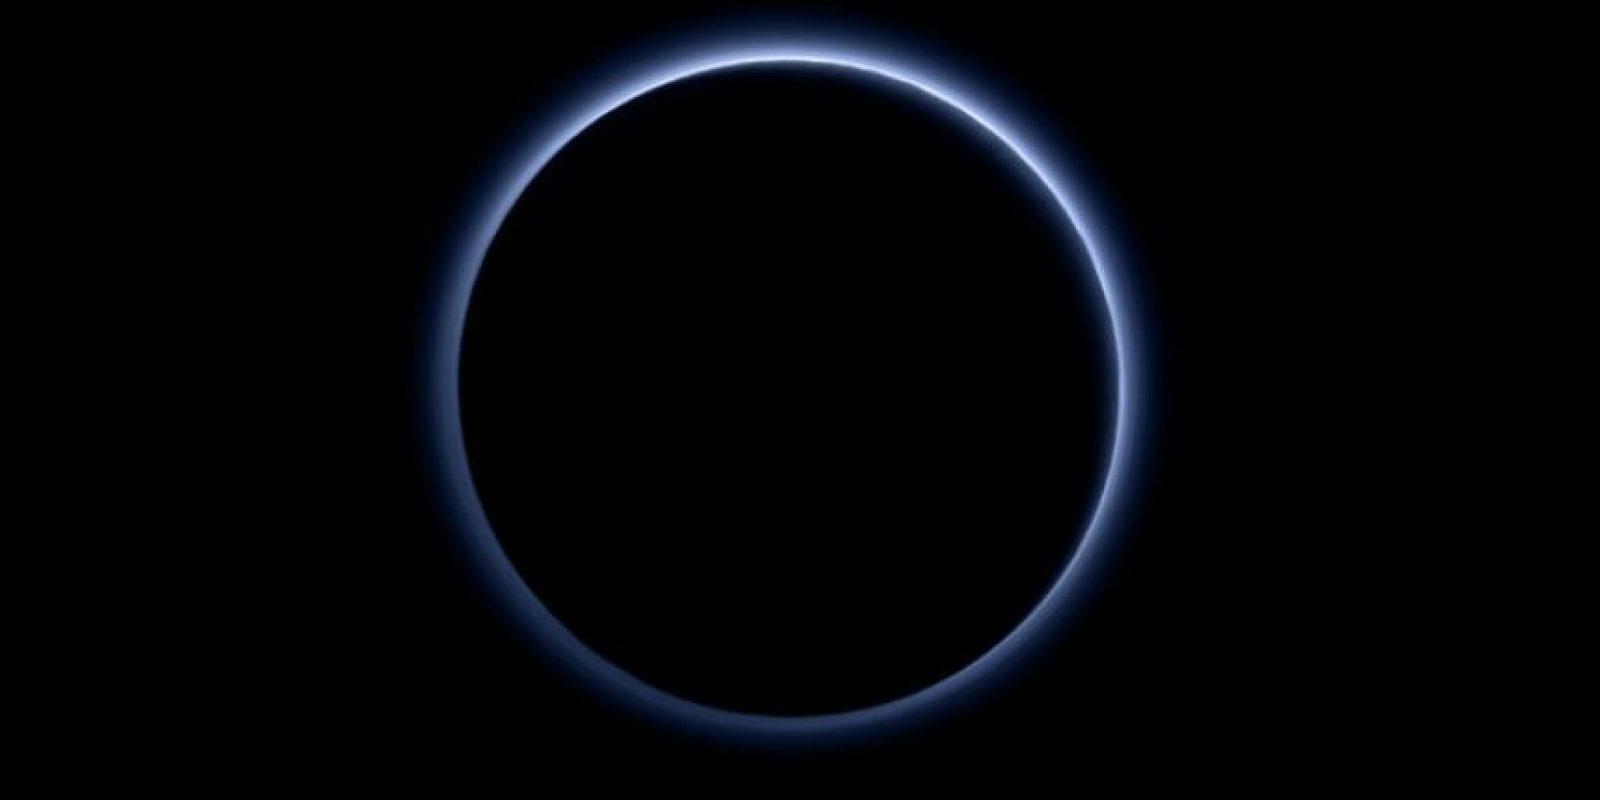 Los científicos descubrieron que el cielo del planeta enano también era azul.